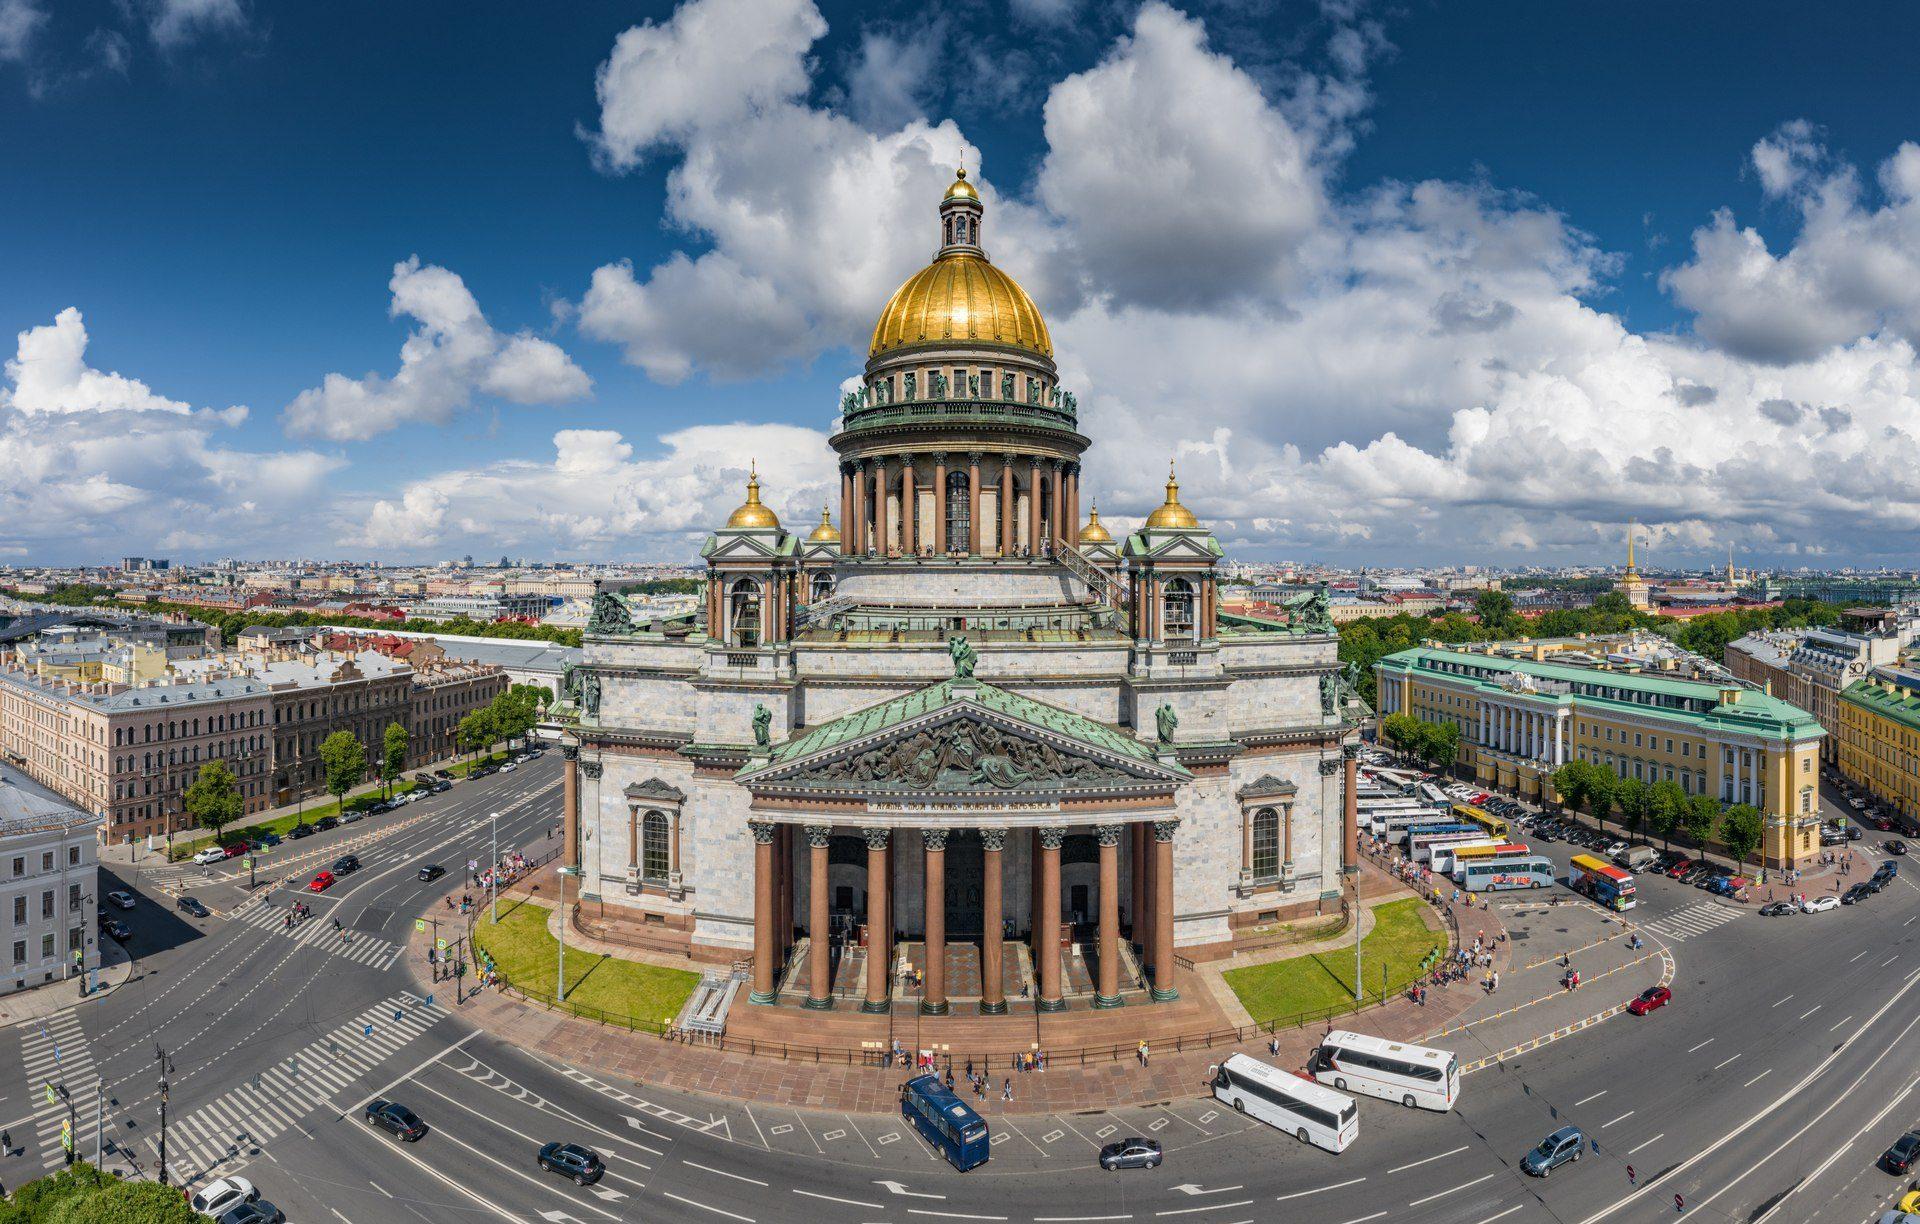 Лучшие экскурсии по Санкт-Петербургу на автобусе в 2021 году